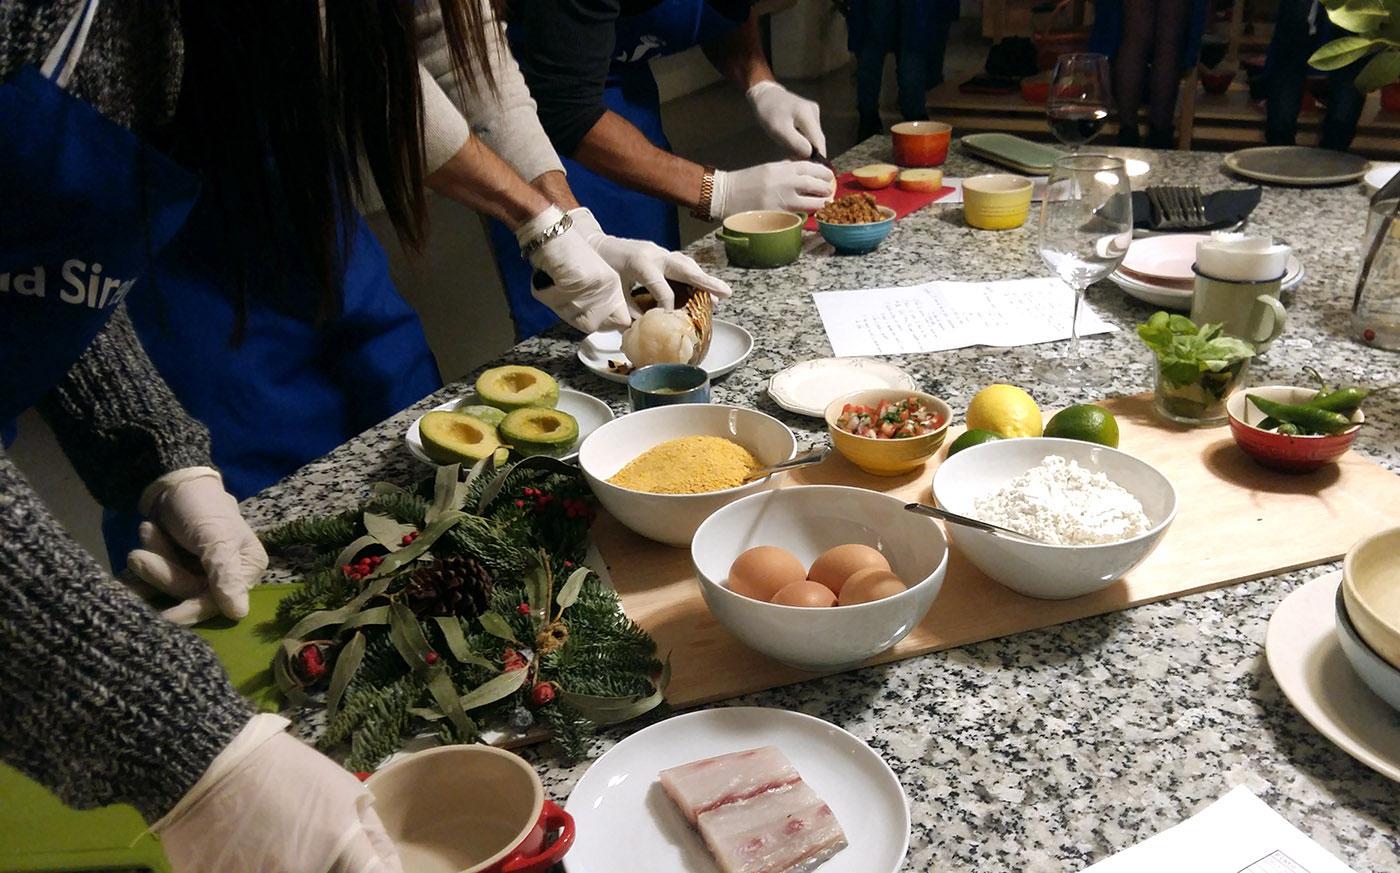 Los platos elaborados fueron sometidos a la valoración de un jurado.